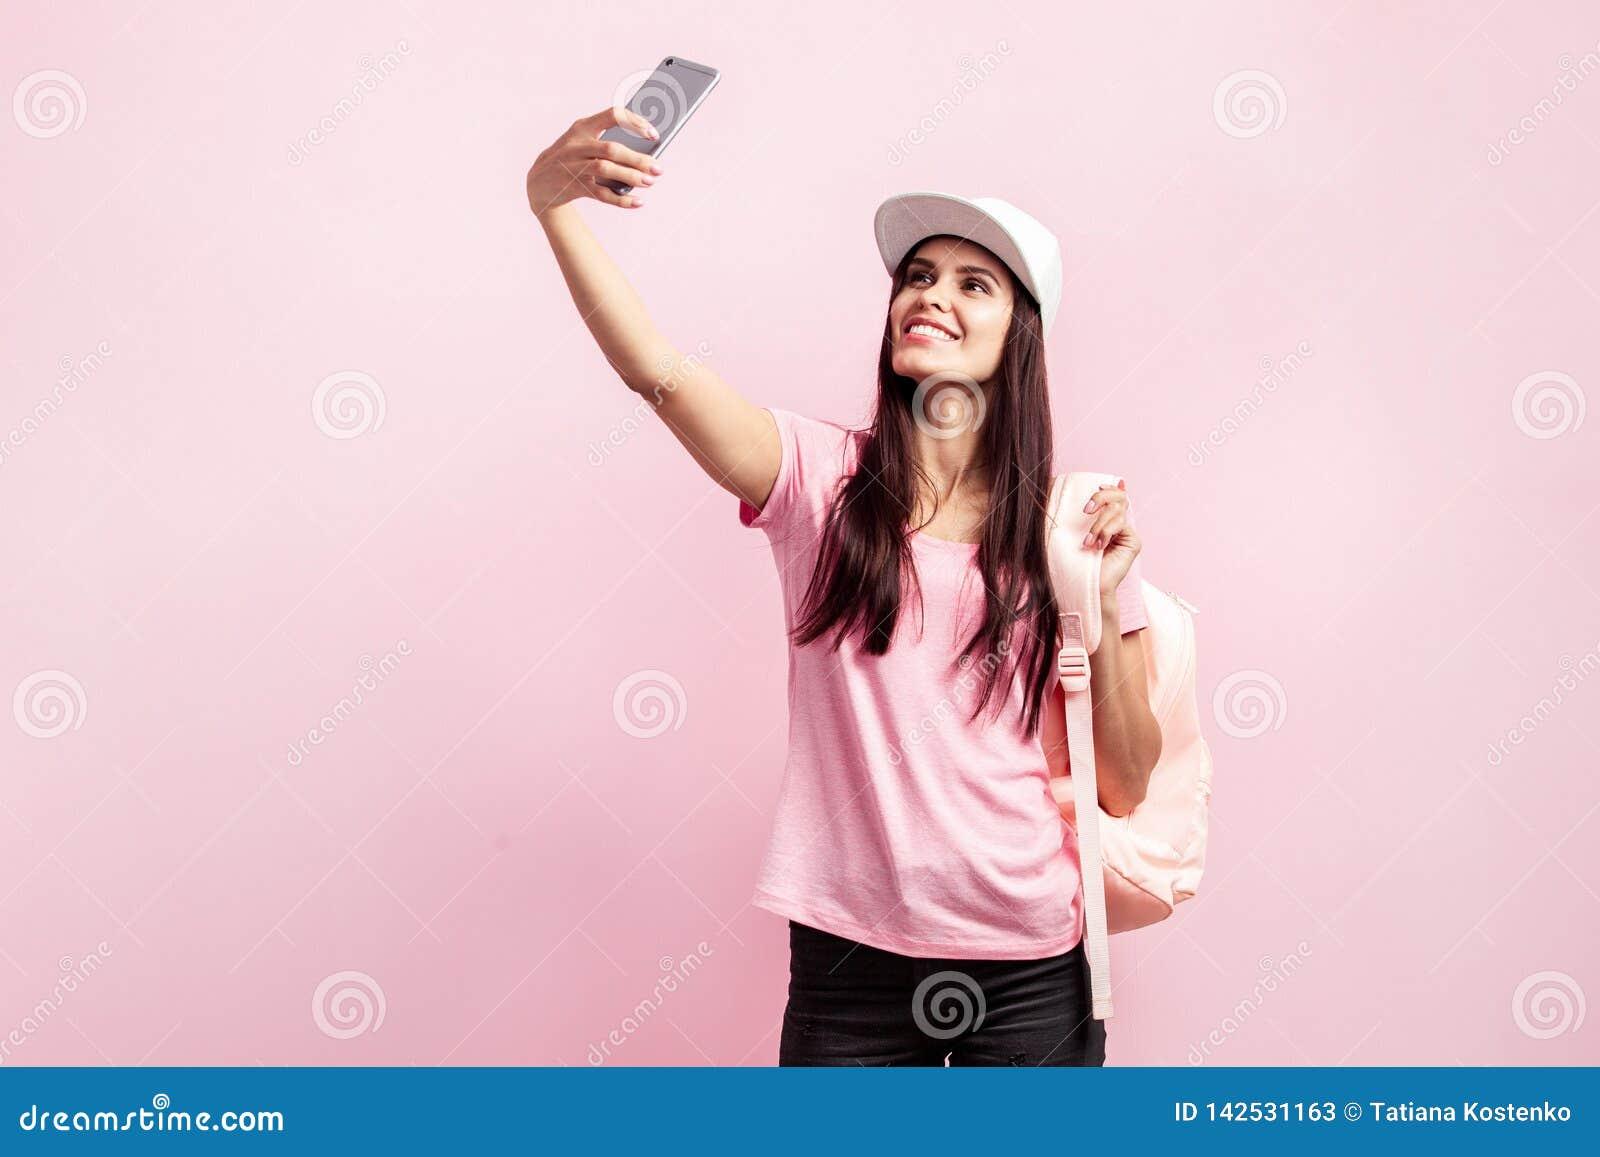 Красивая девушка в белой крышке и с рюкзаком на ее плечах одетых в розовой футболке и черных джинсах делает selfie